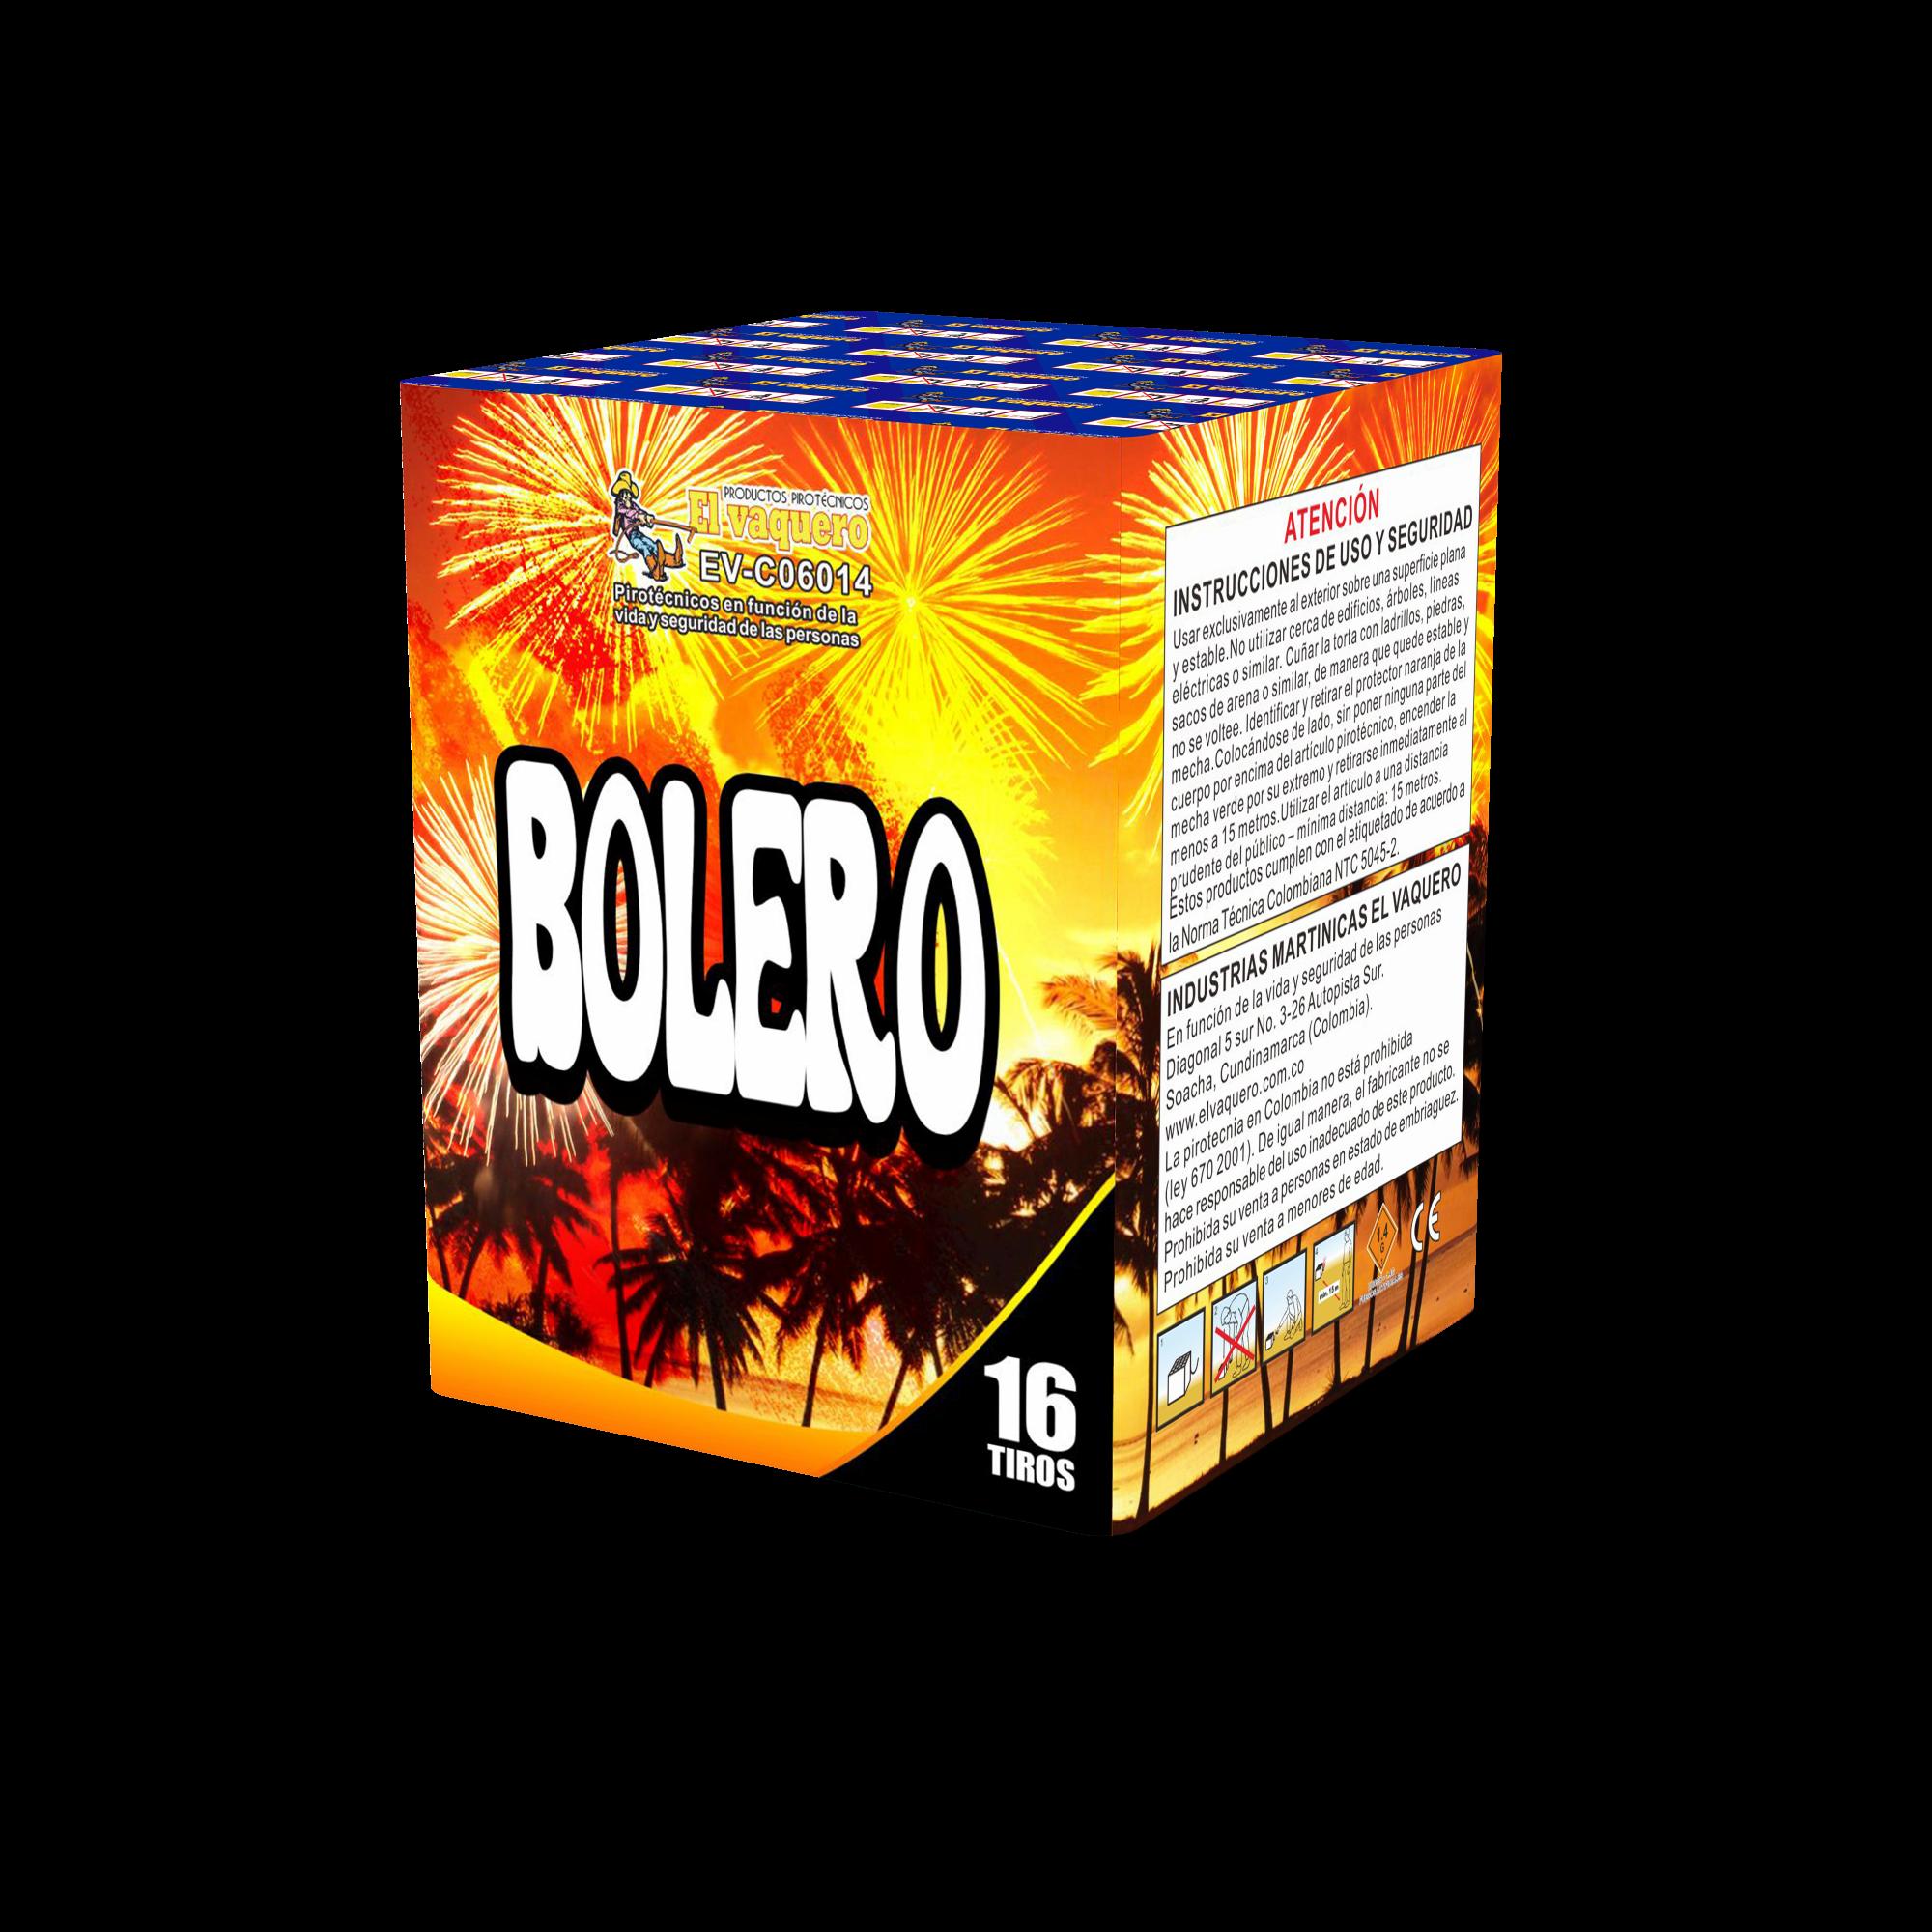 Torta Bolero 16 tiros 0.8